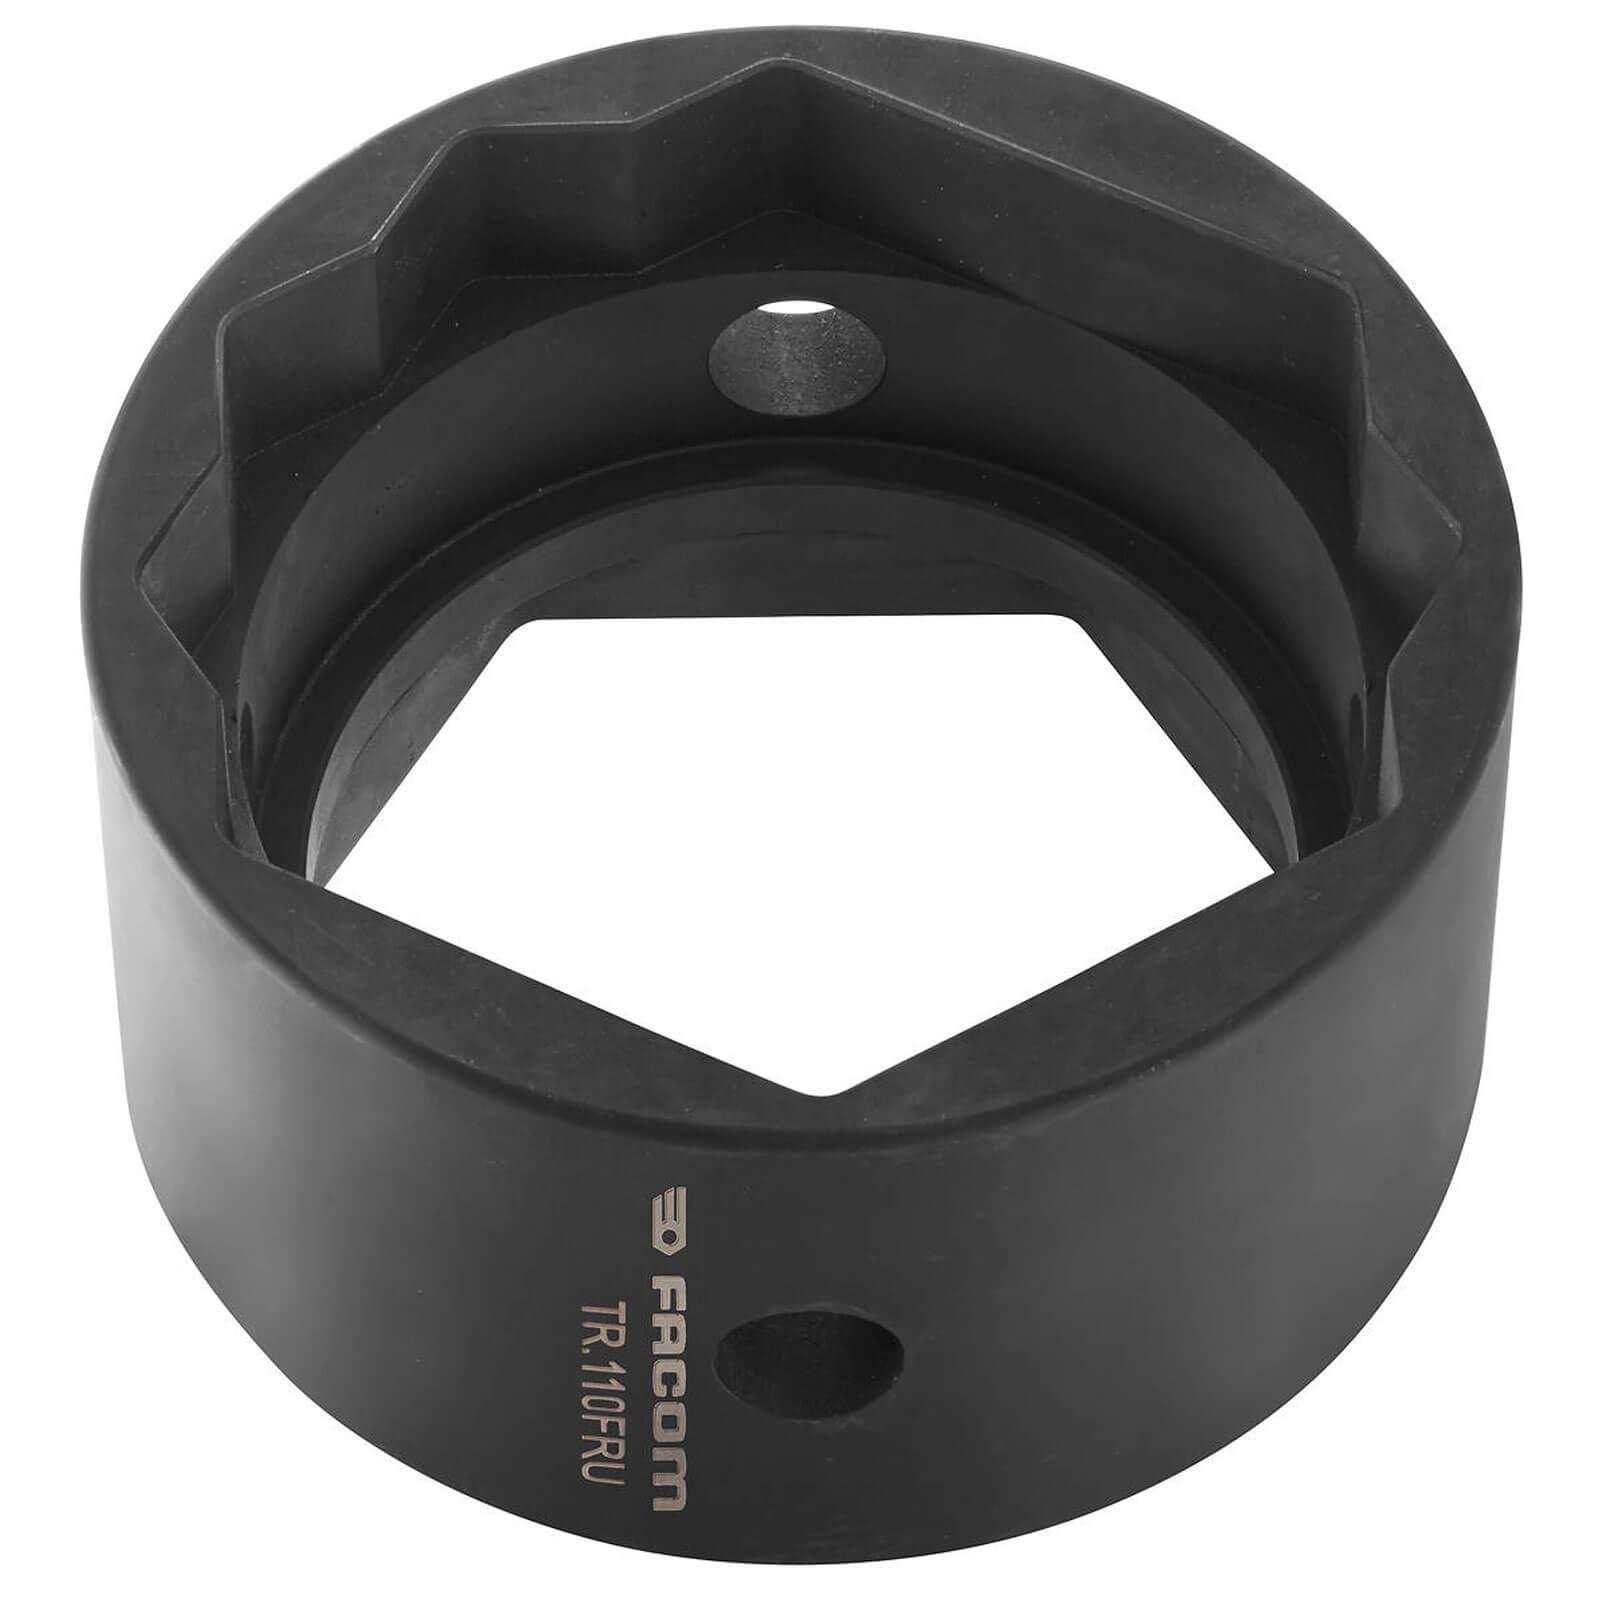 Facom Reversible Socket 123mm for Fruehauf Trailer Hubs